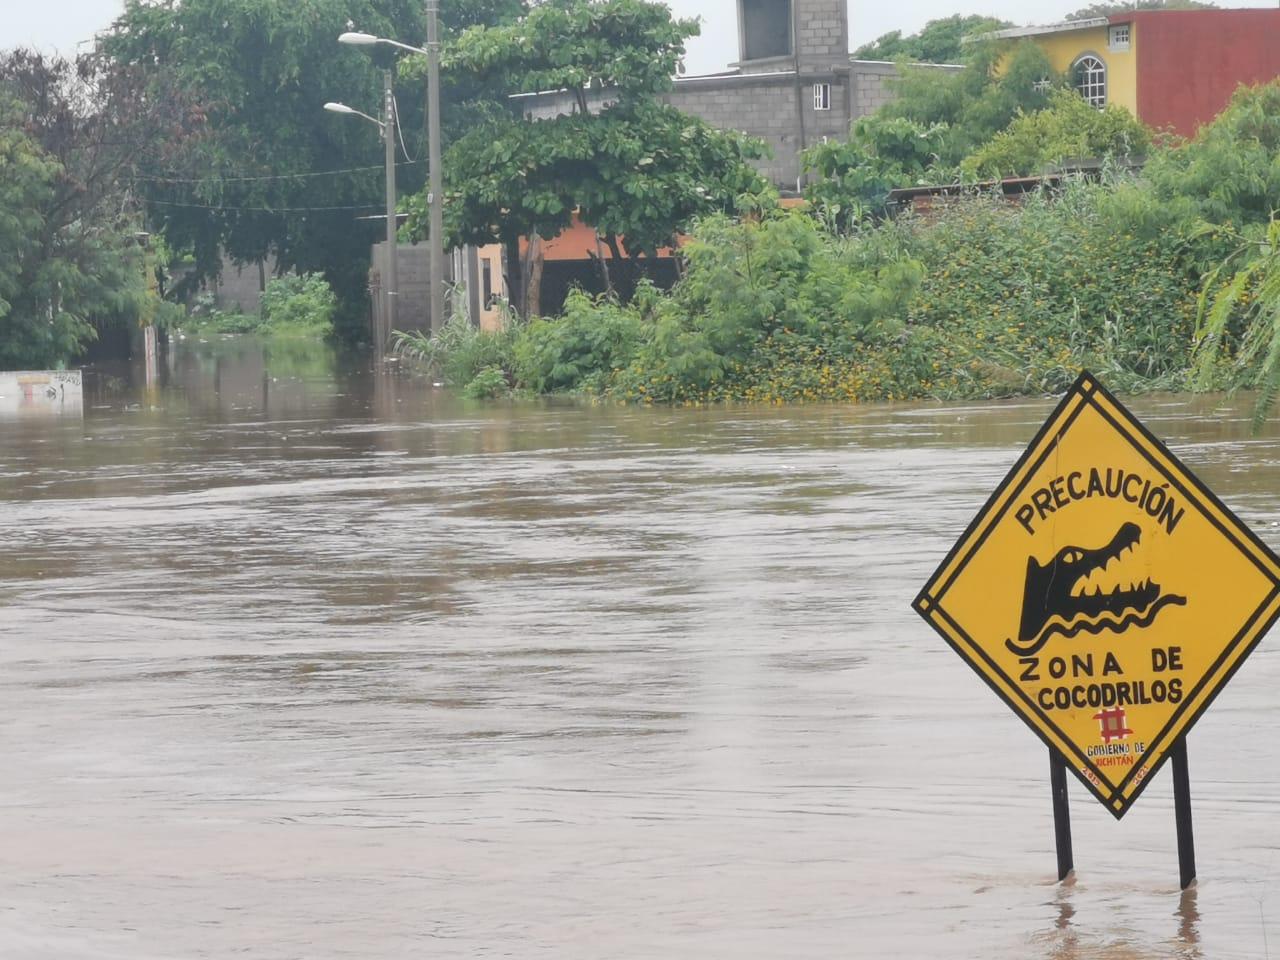 Se desborda río Los Perros en Juchitán, afluente es hábitat de cocodrilos |  Oaxaca